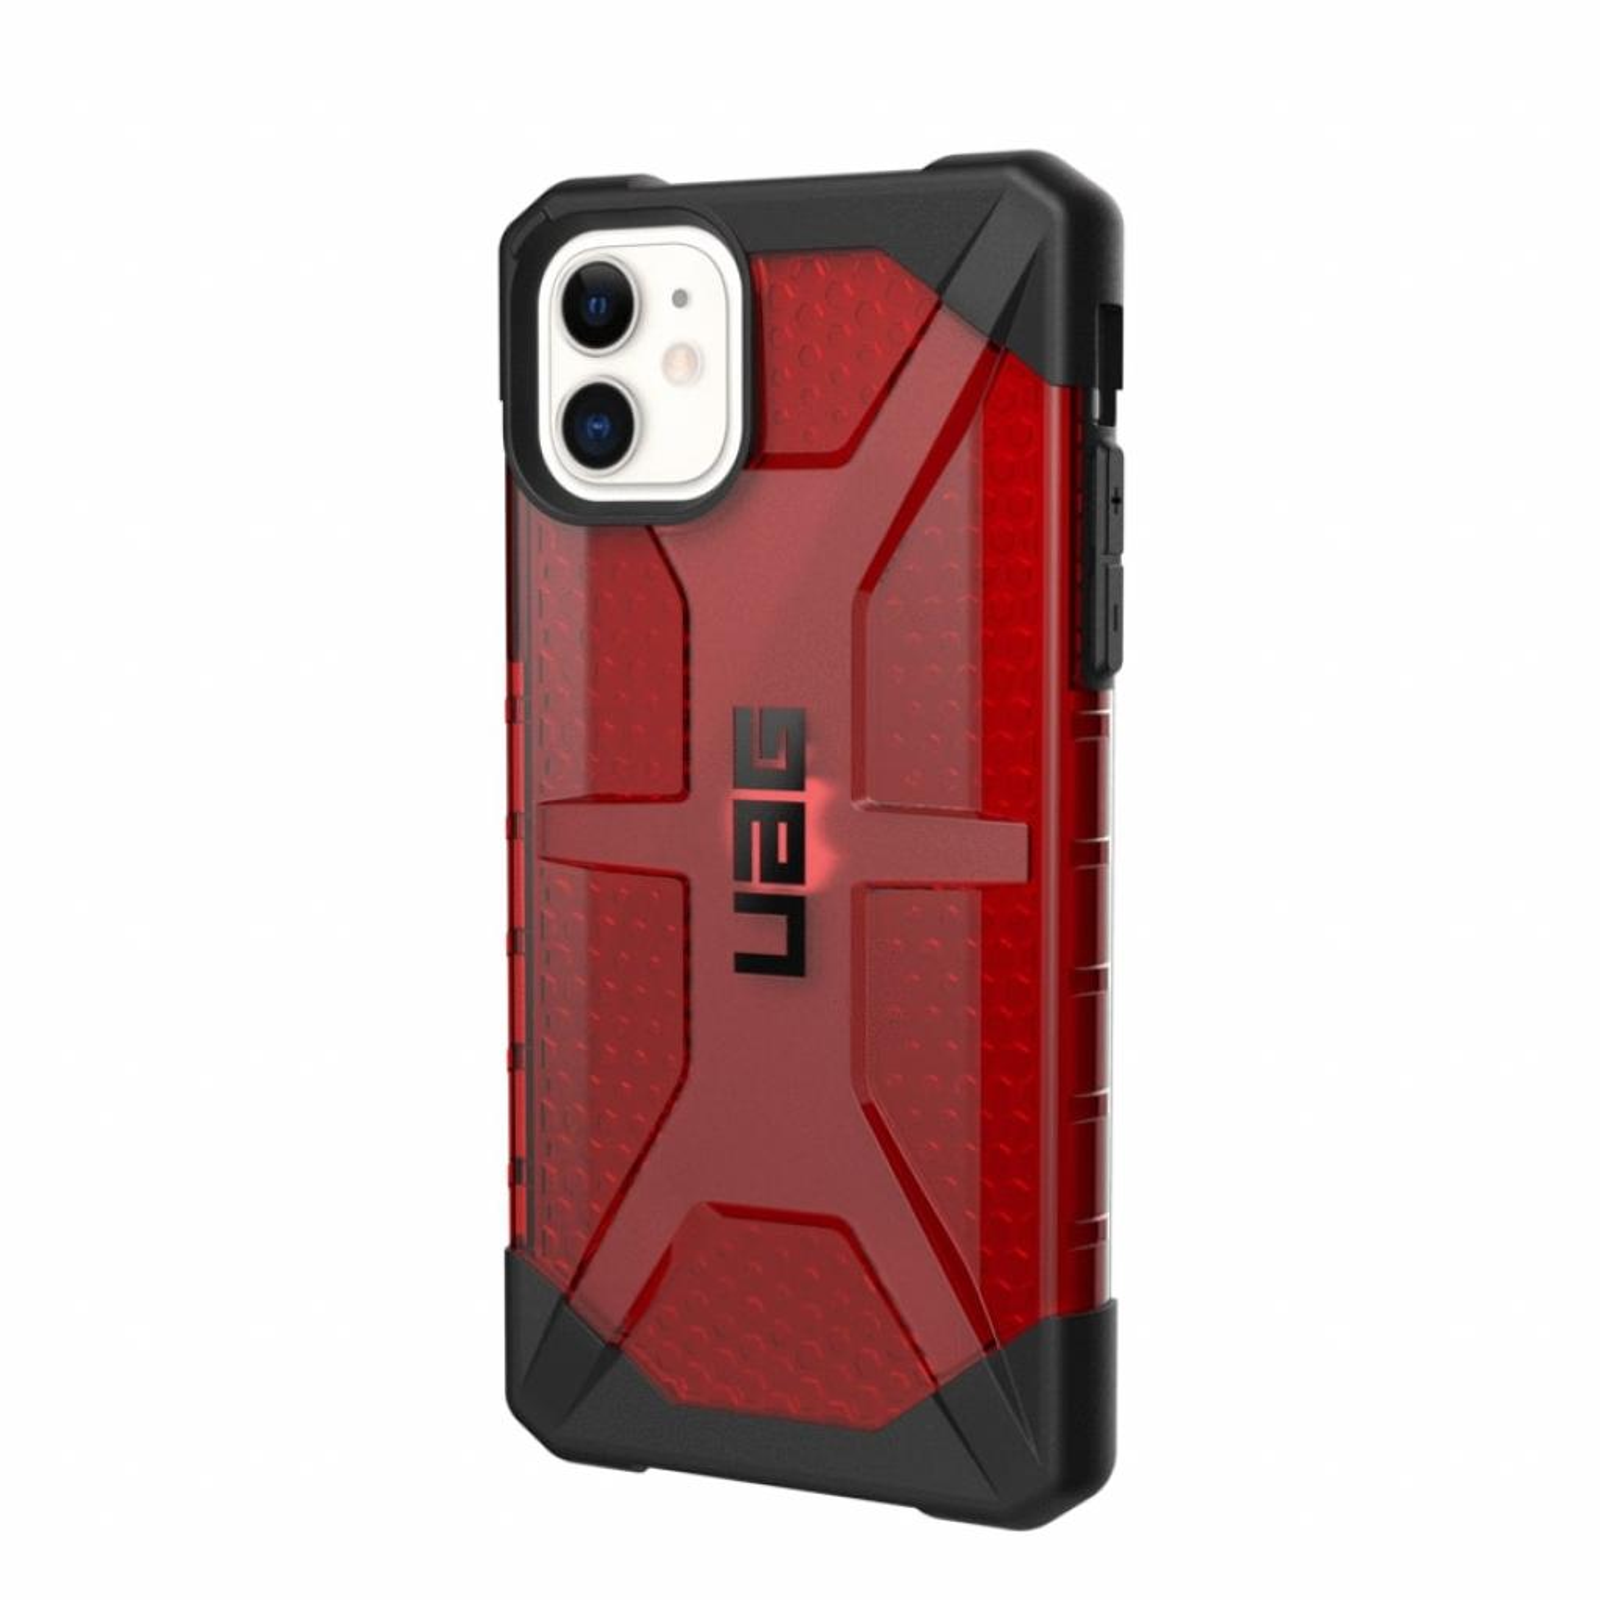 Чехол для моб. телефона Uag iPhone 11 Plasma, Magma (111713119393) изображение 2